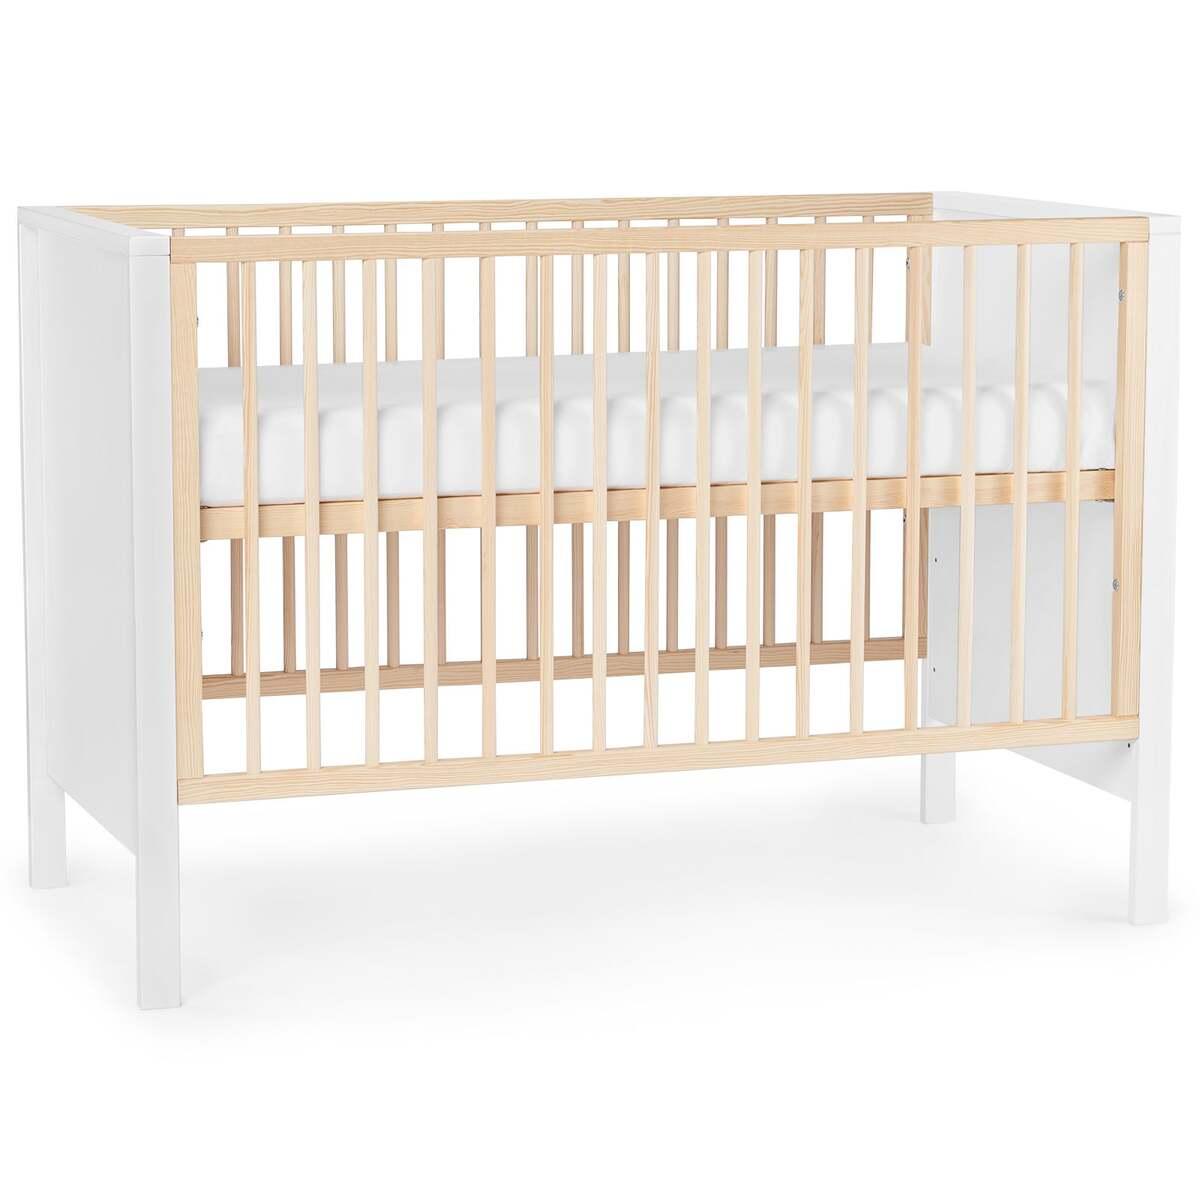 Bild 4 von Kinderkraft MIA-Holzbett mit Matratze